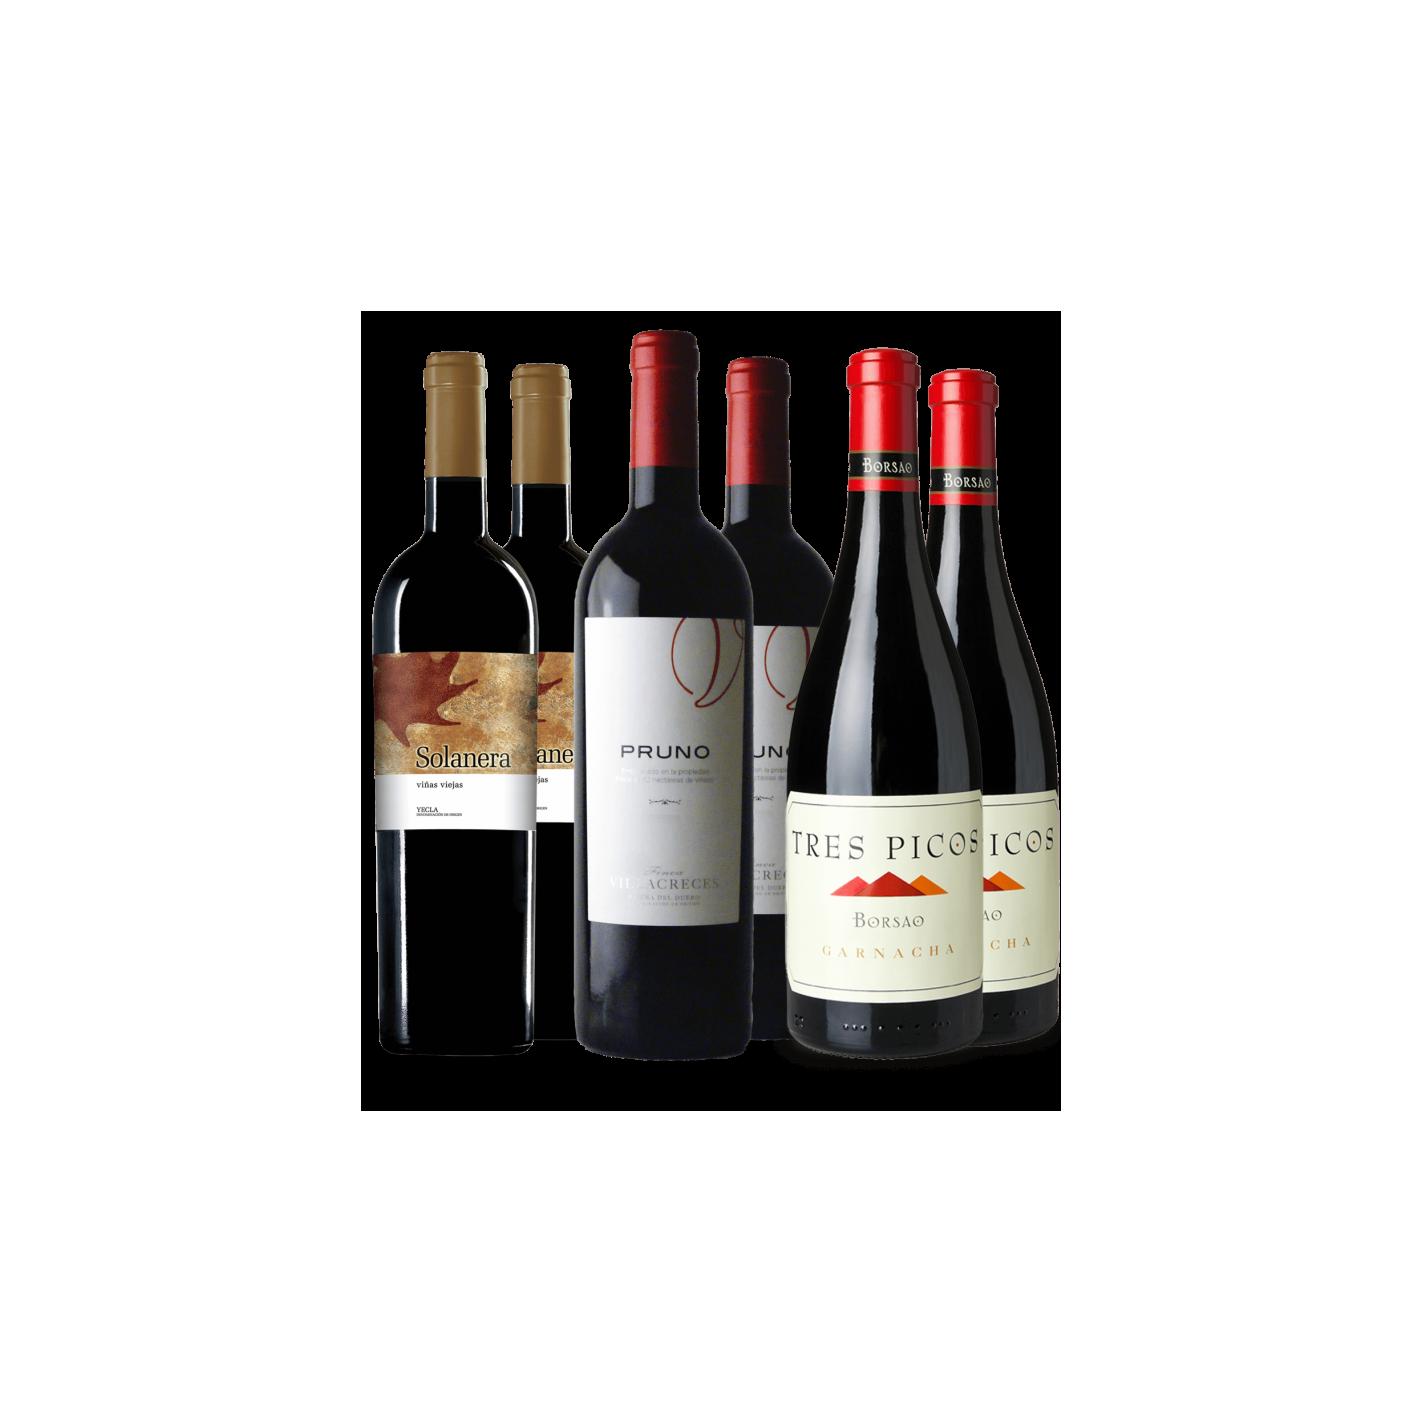 Mejor relaci n calidad precio robert parker 2015 vinos - Mejor sofa calidad precio ...